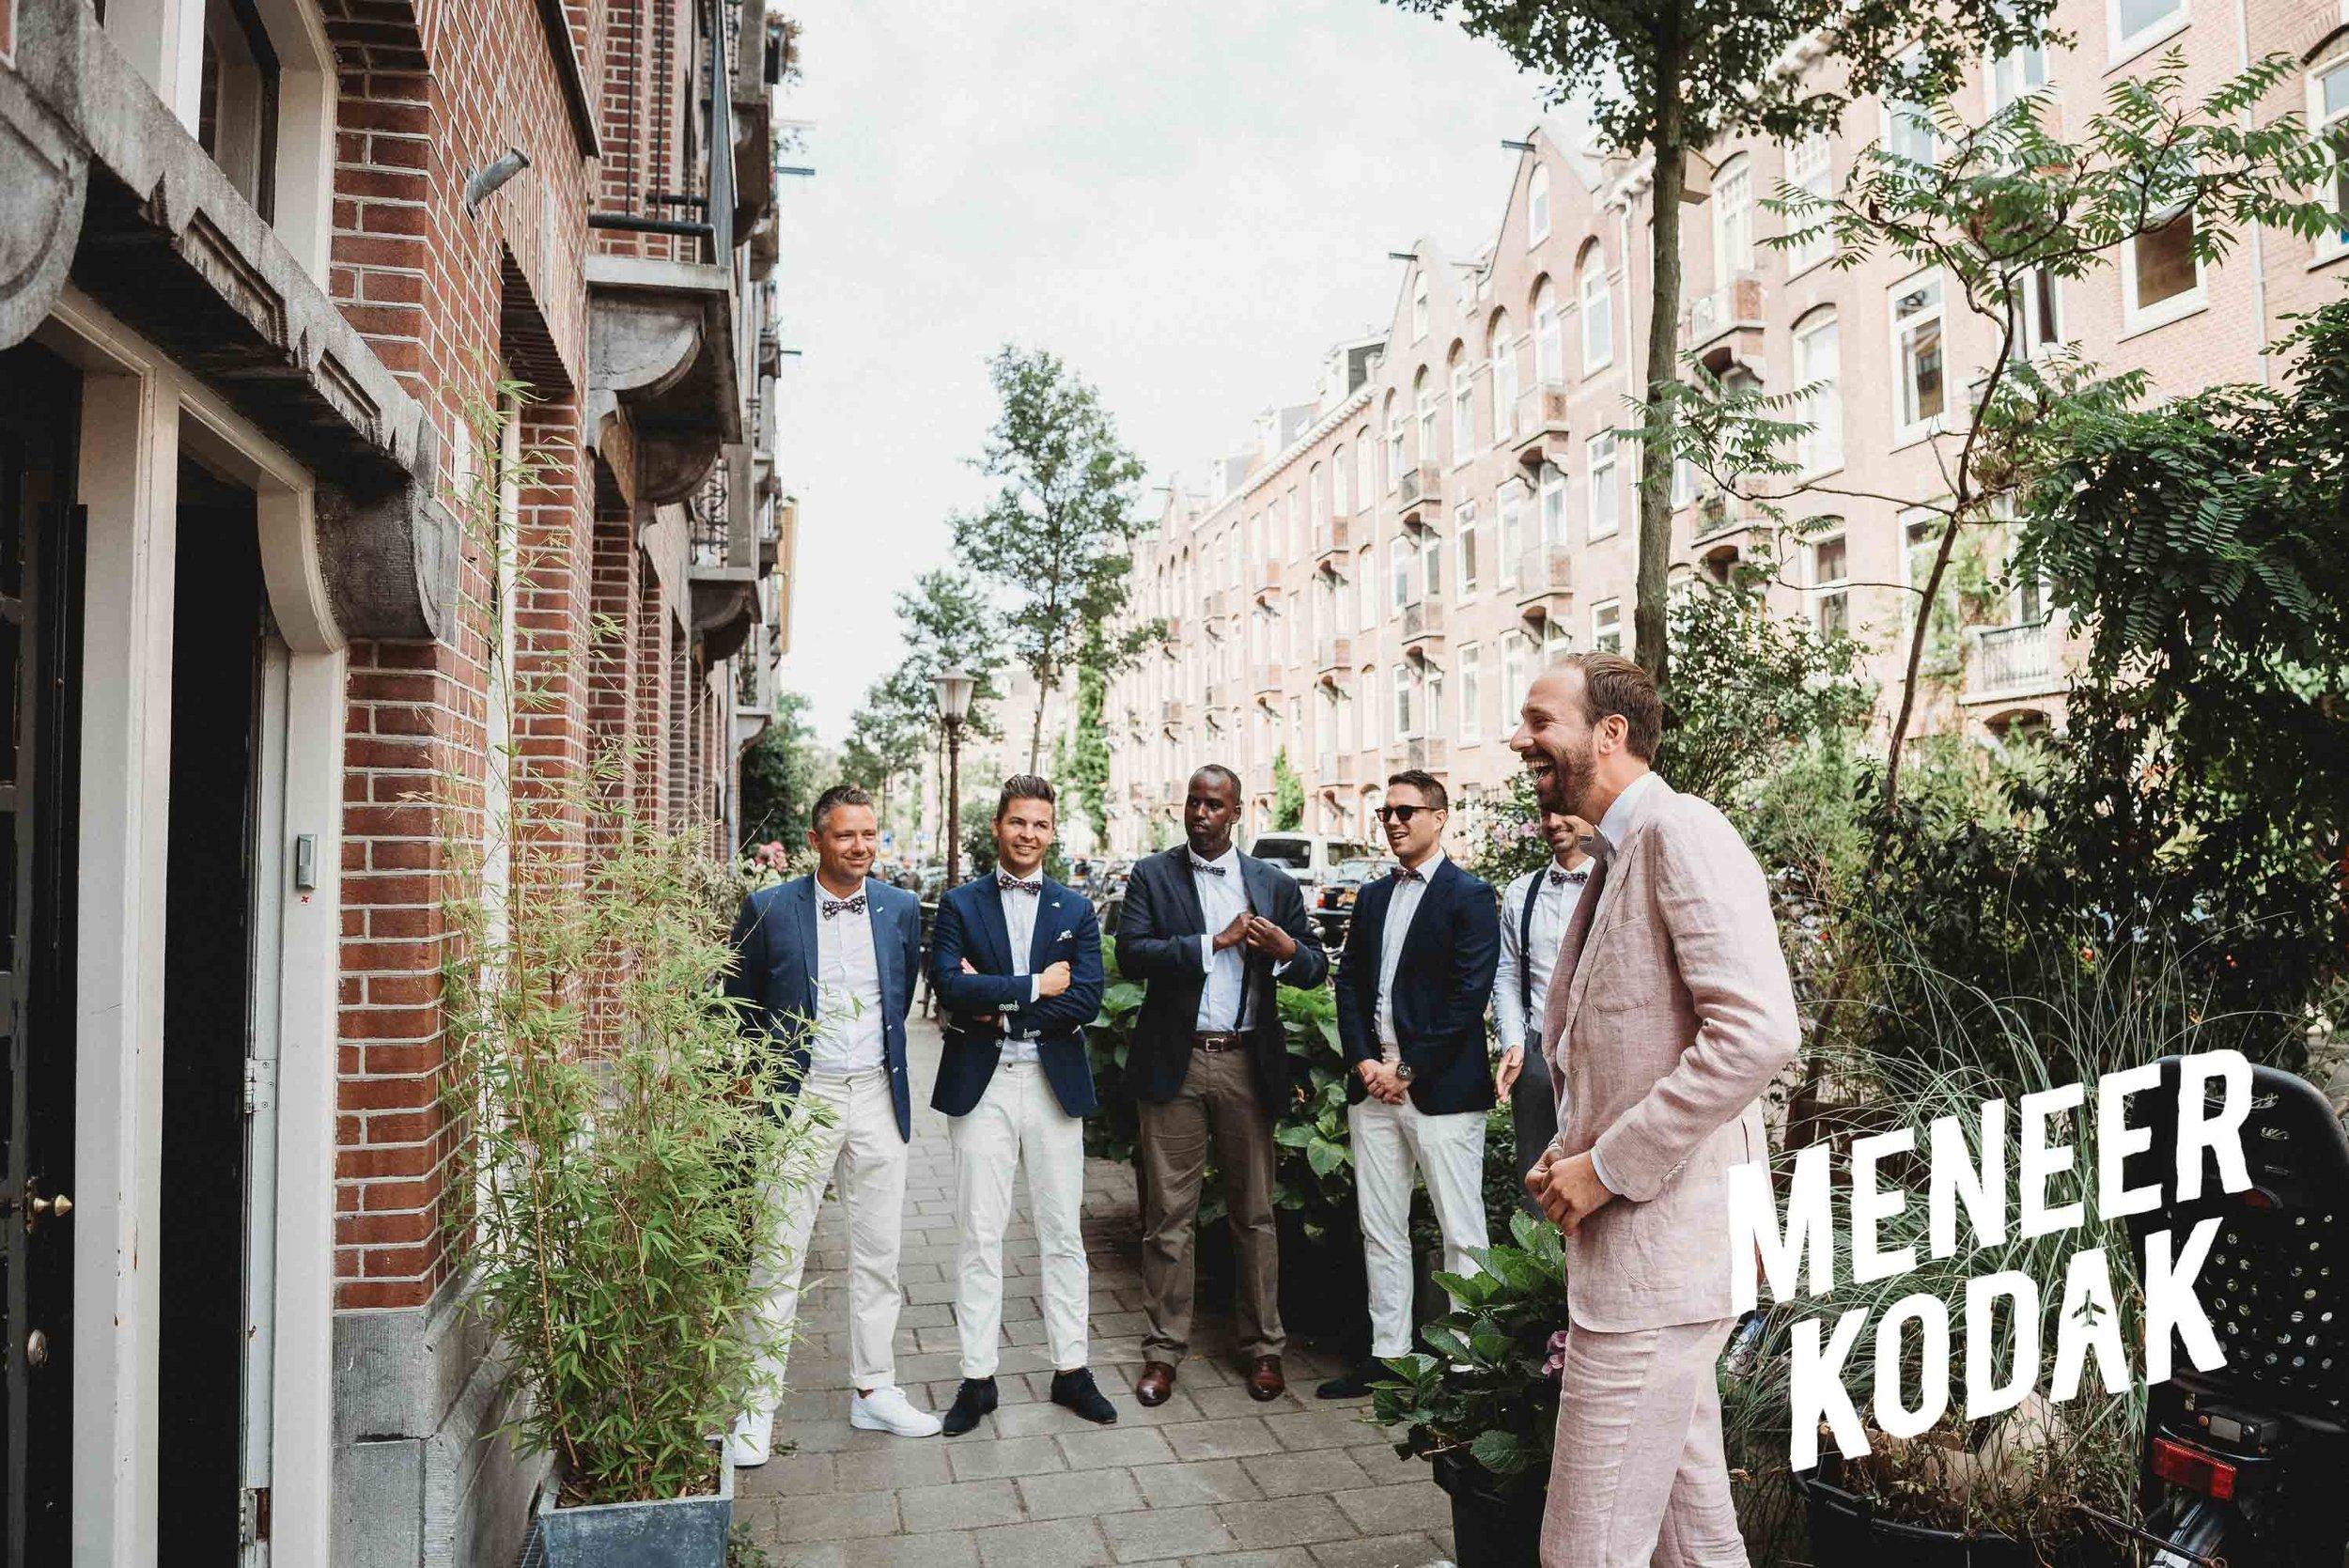 Meneer Kodak - Trouwfotograaf - Amsterdam - H&T-032.jpg